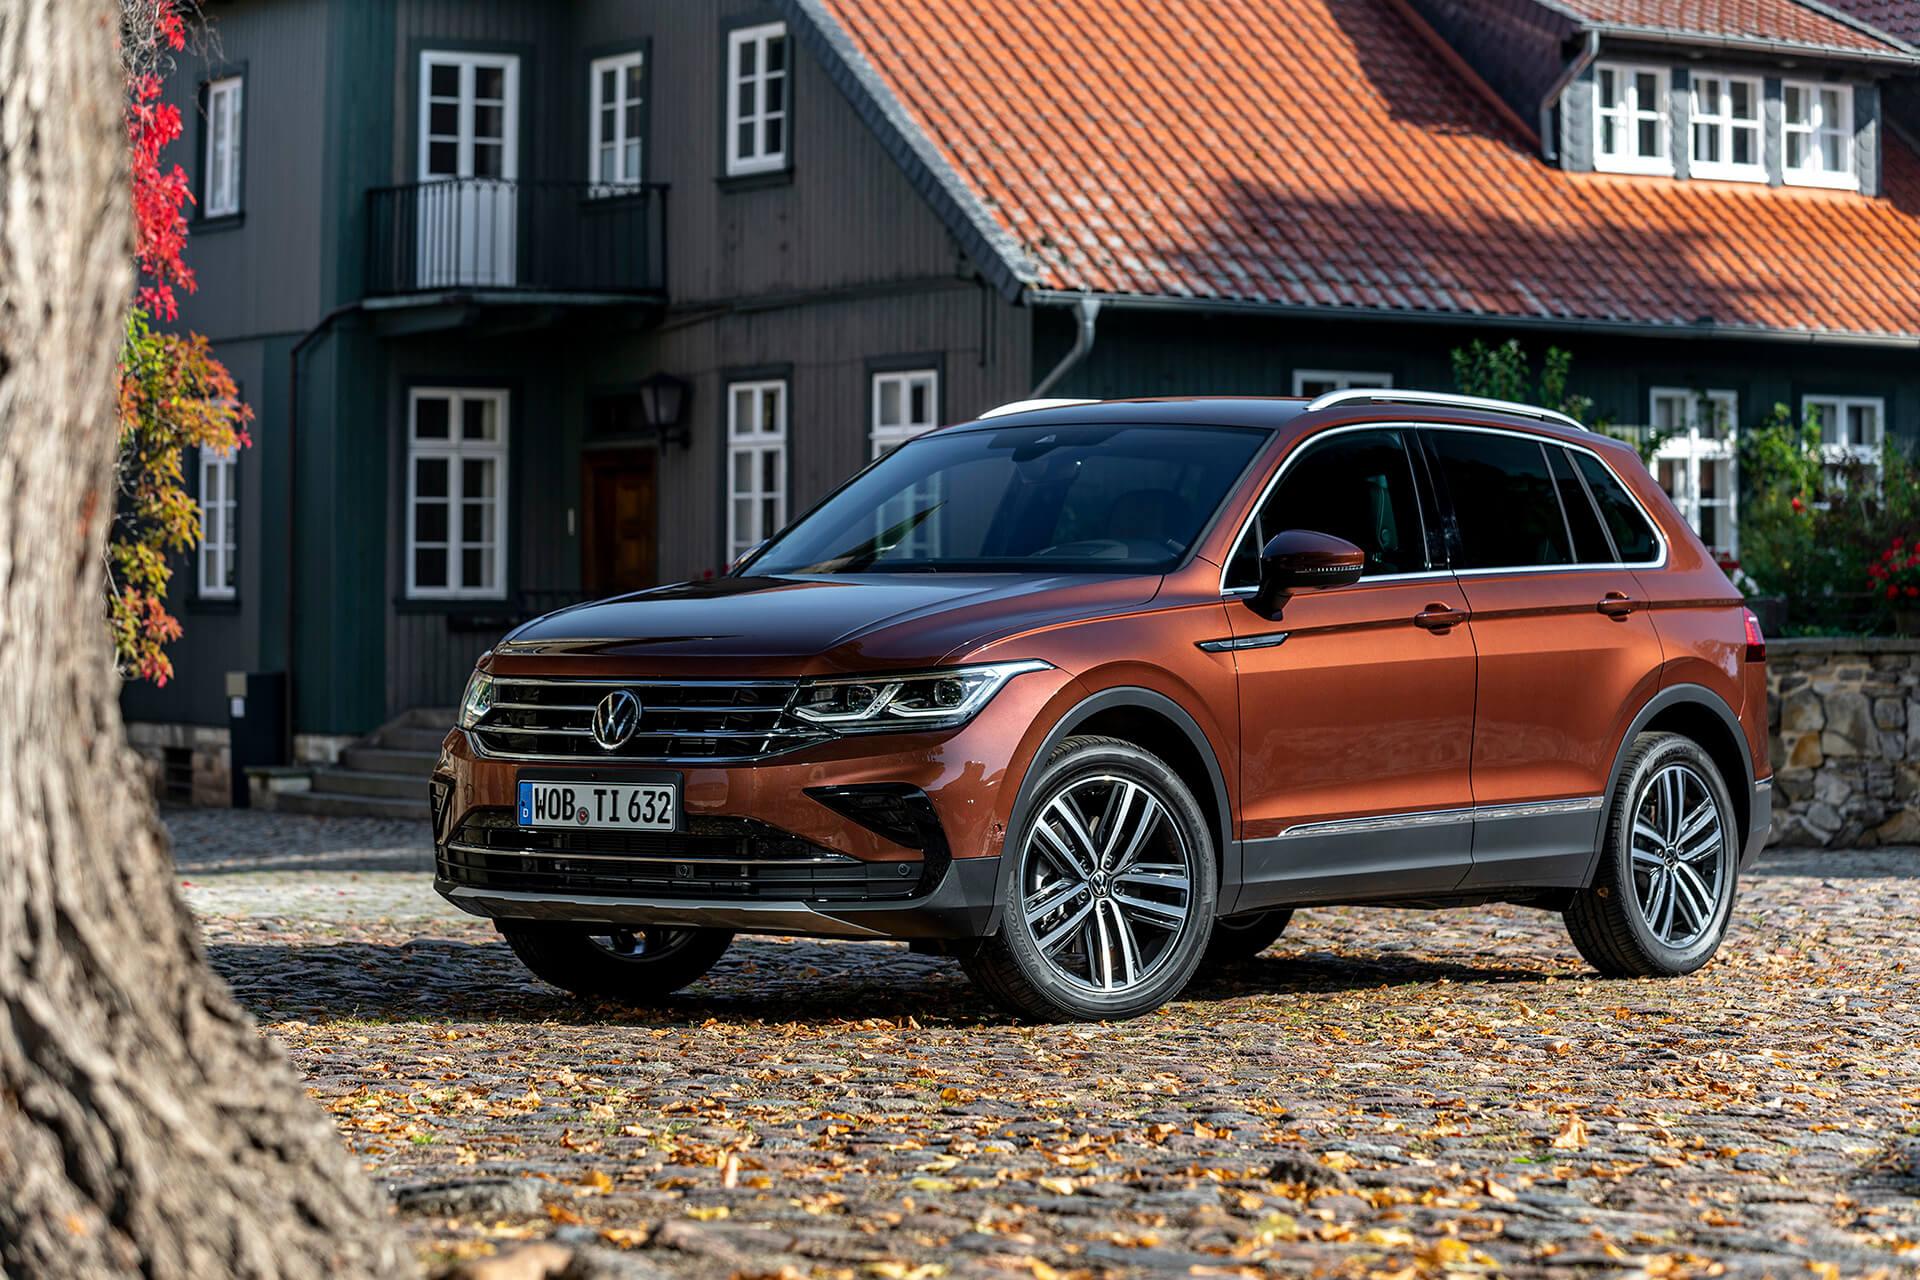 Νέο Volkswagen Tiguan - Εξωτερικός σχεδιασμός εμπρός όψη